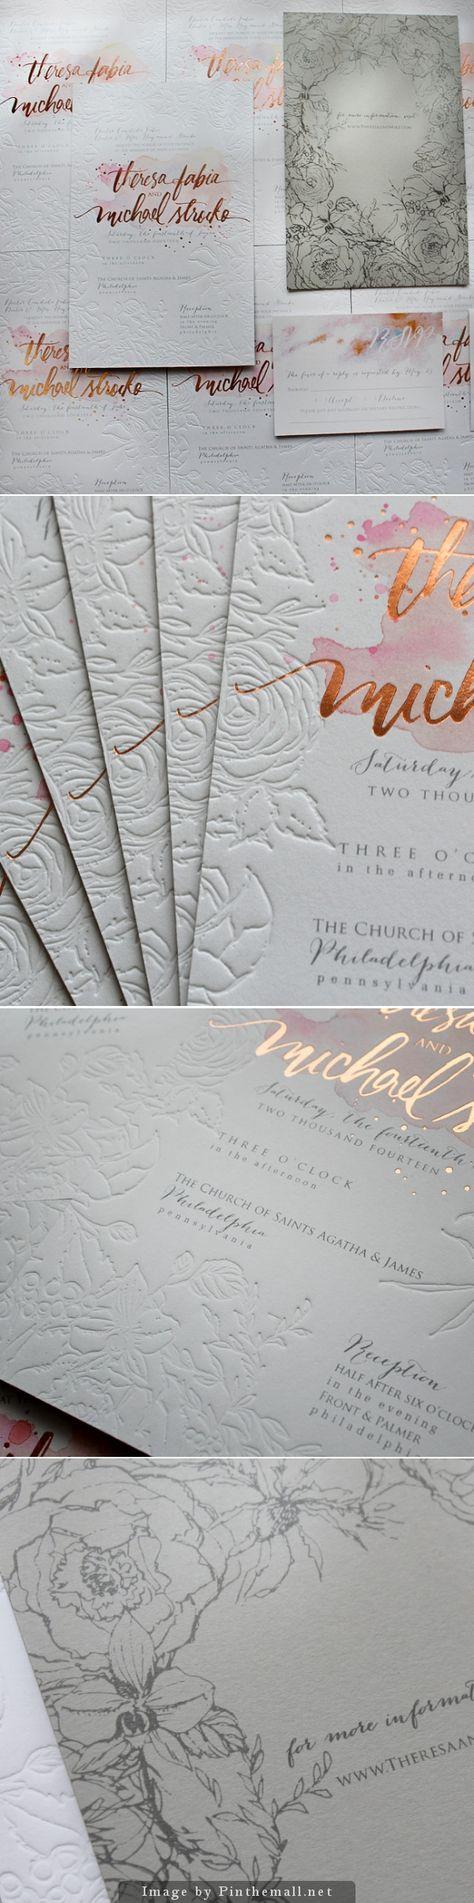 Rose Gold Foil and Blind Letterpress Floral Wedding Invitations.